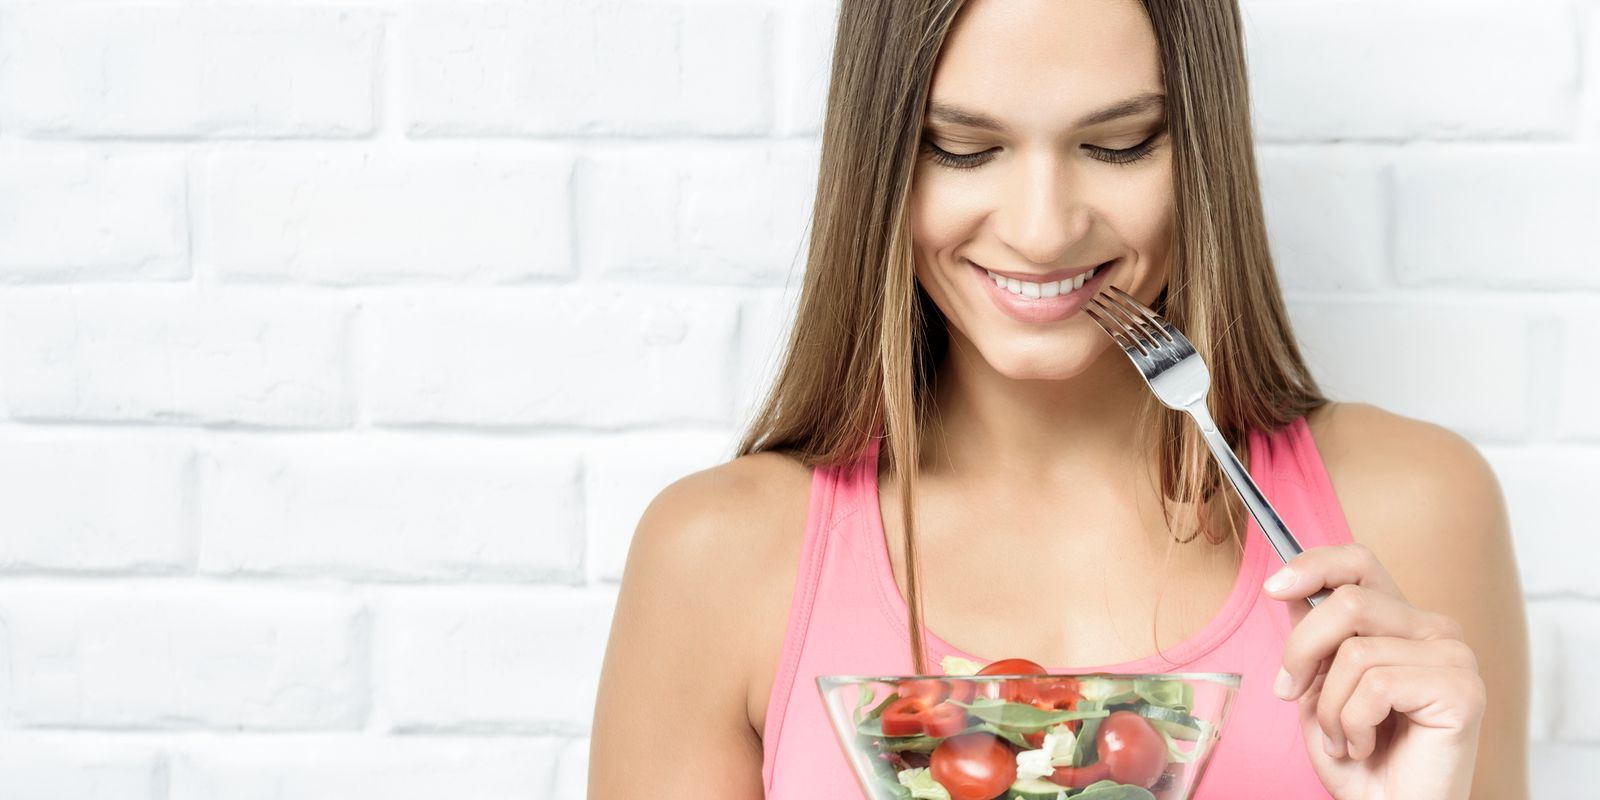 Чем можно утолить голод при диете